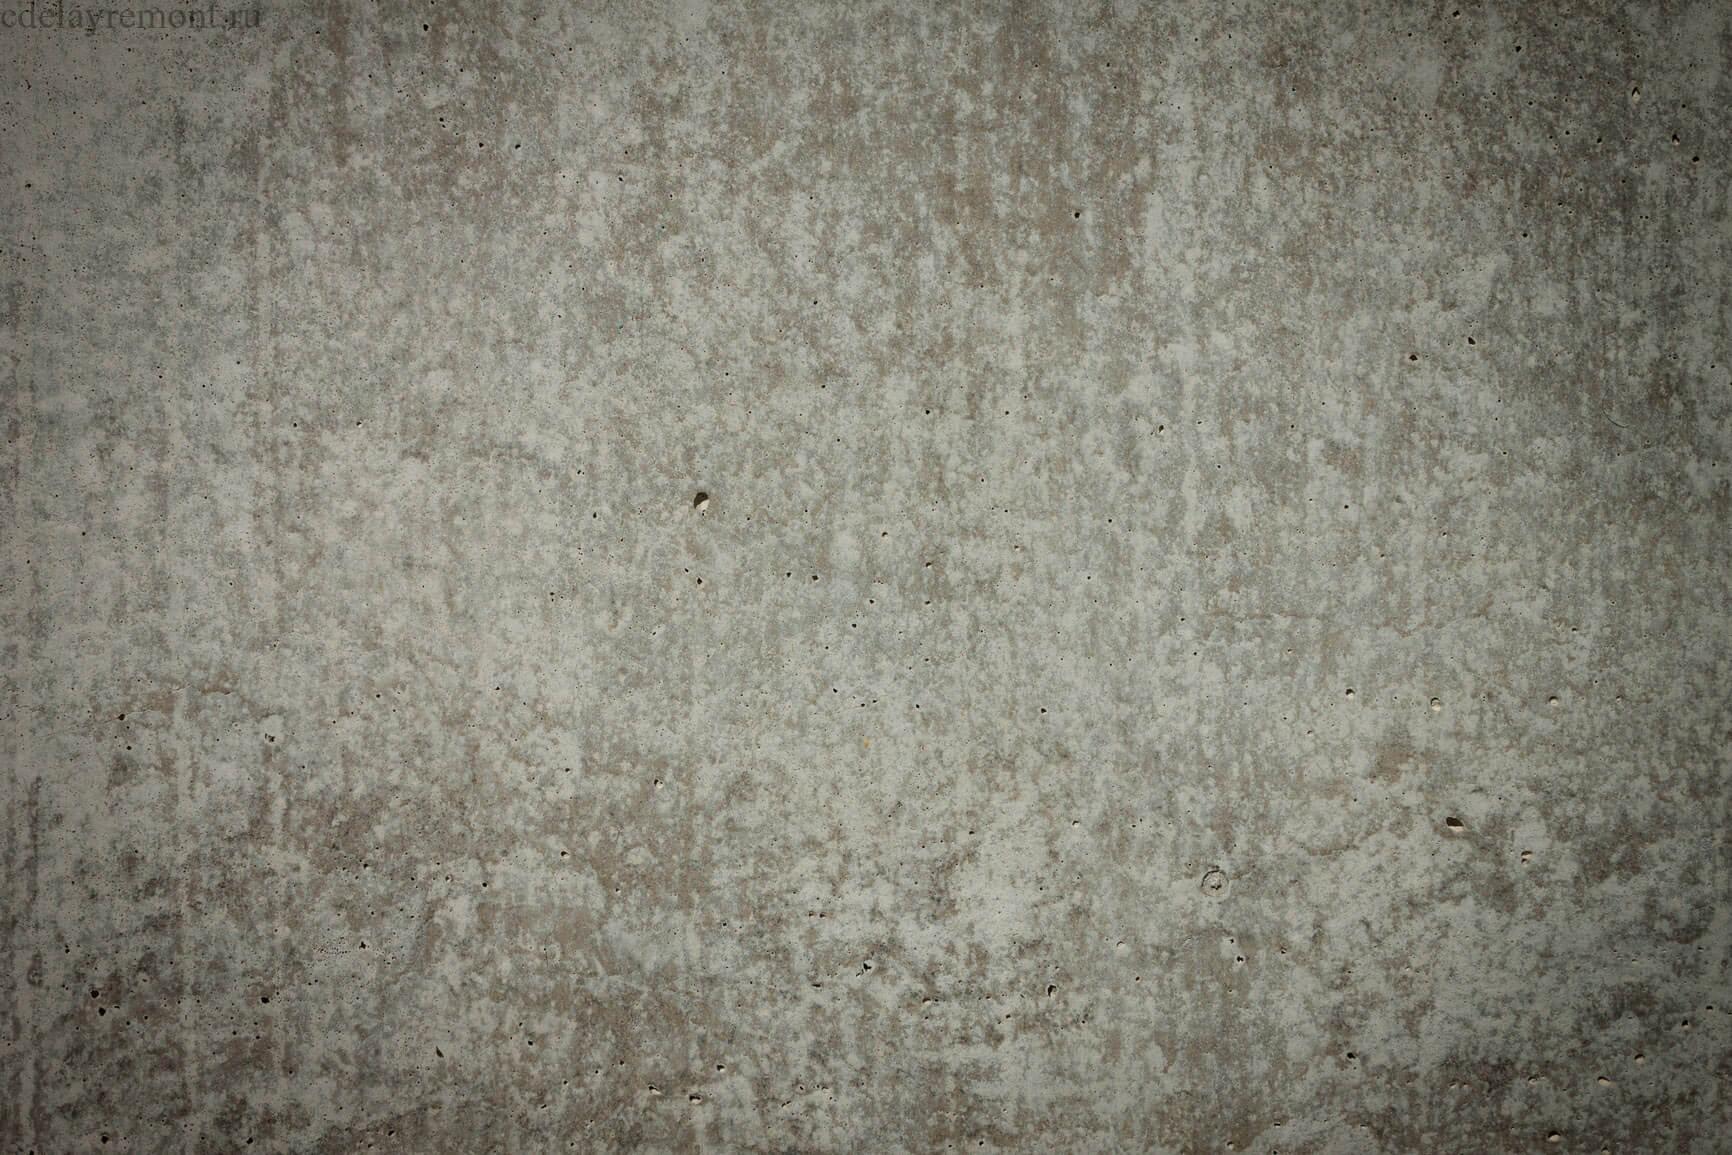 Внешне покрытие из перлитовой штукатурки ничем не отличается от оштукатуренной обычным песко-цементным раствором